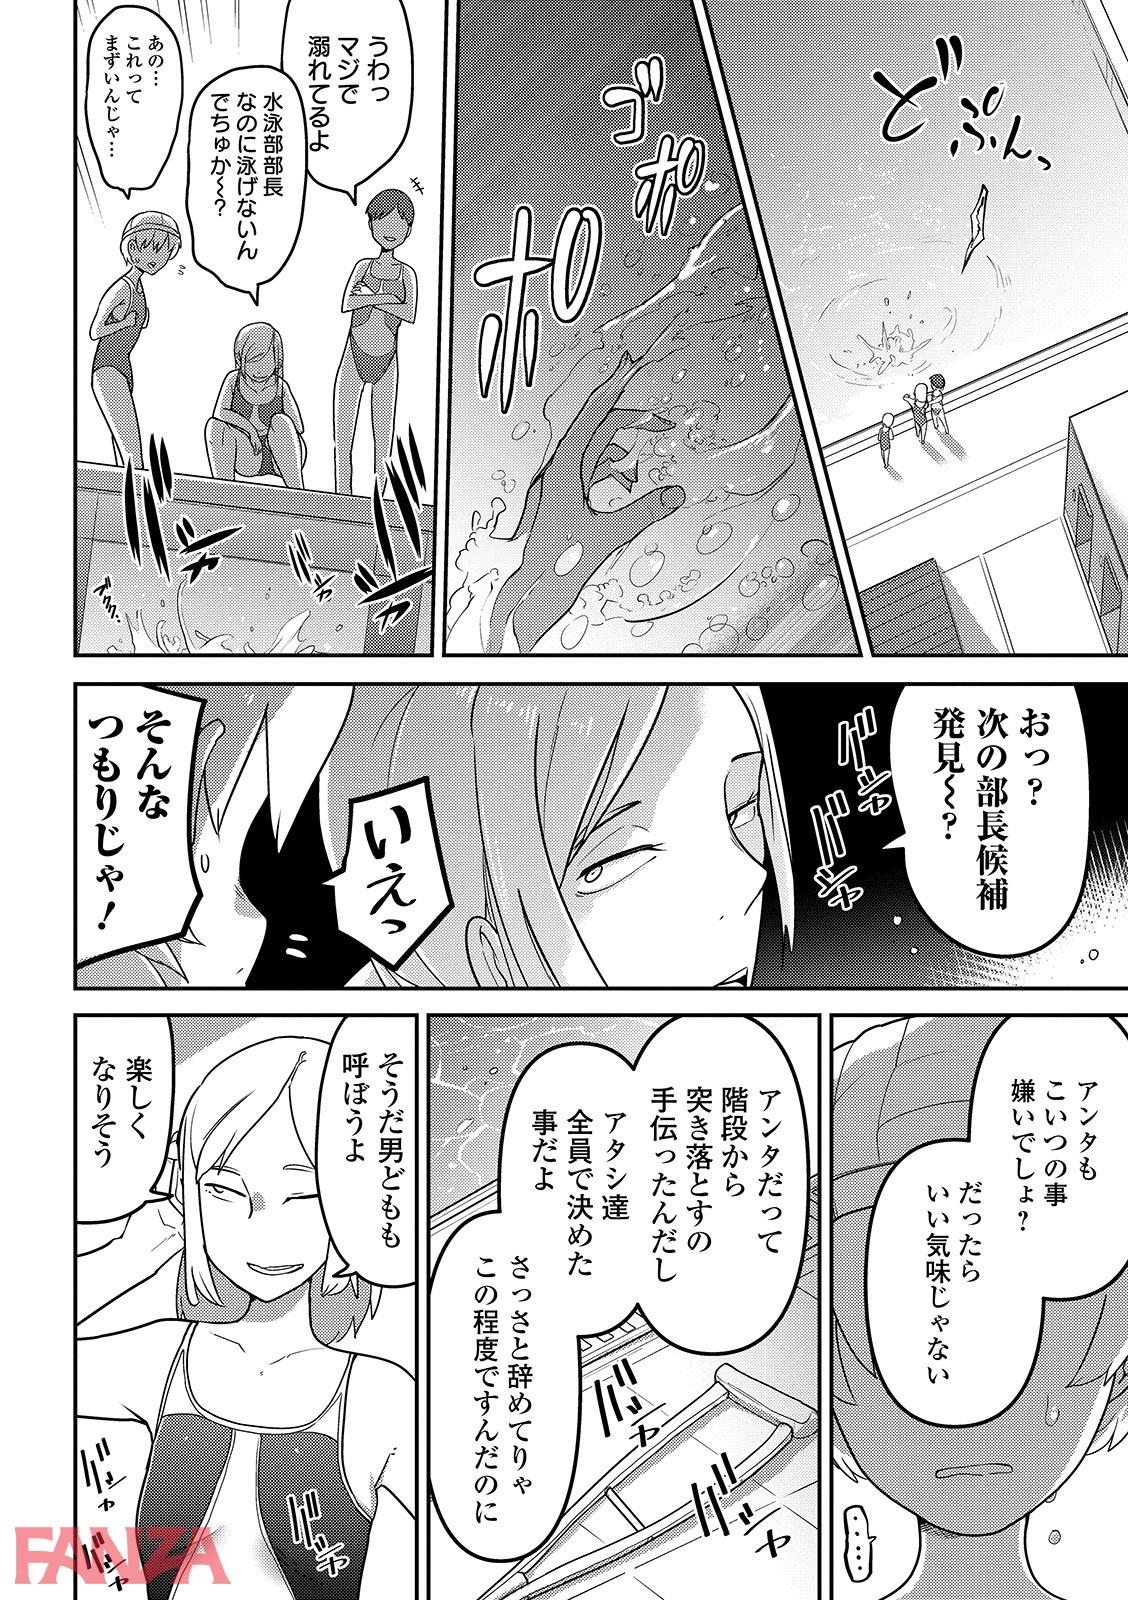 【エロ漫画無料大全集】ヤル気だけが空回りして疎まれている水泳部女子が理不尽に犯される姿がヤバい…